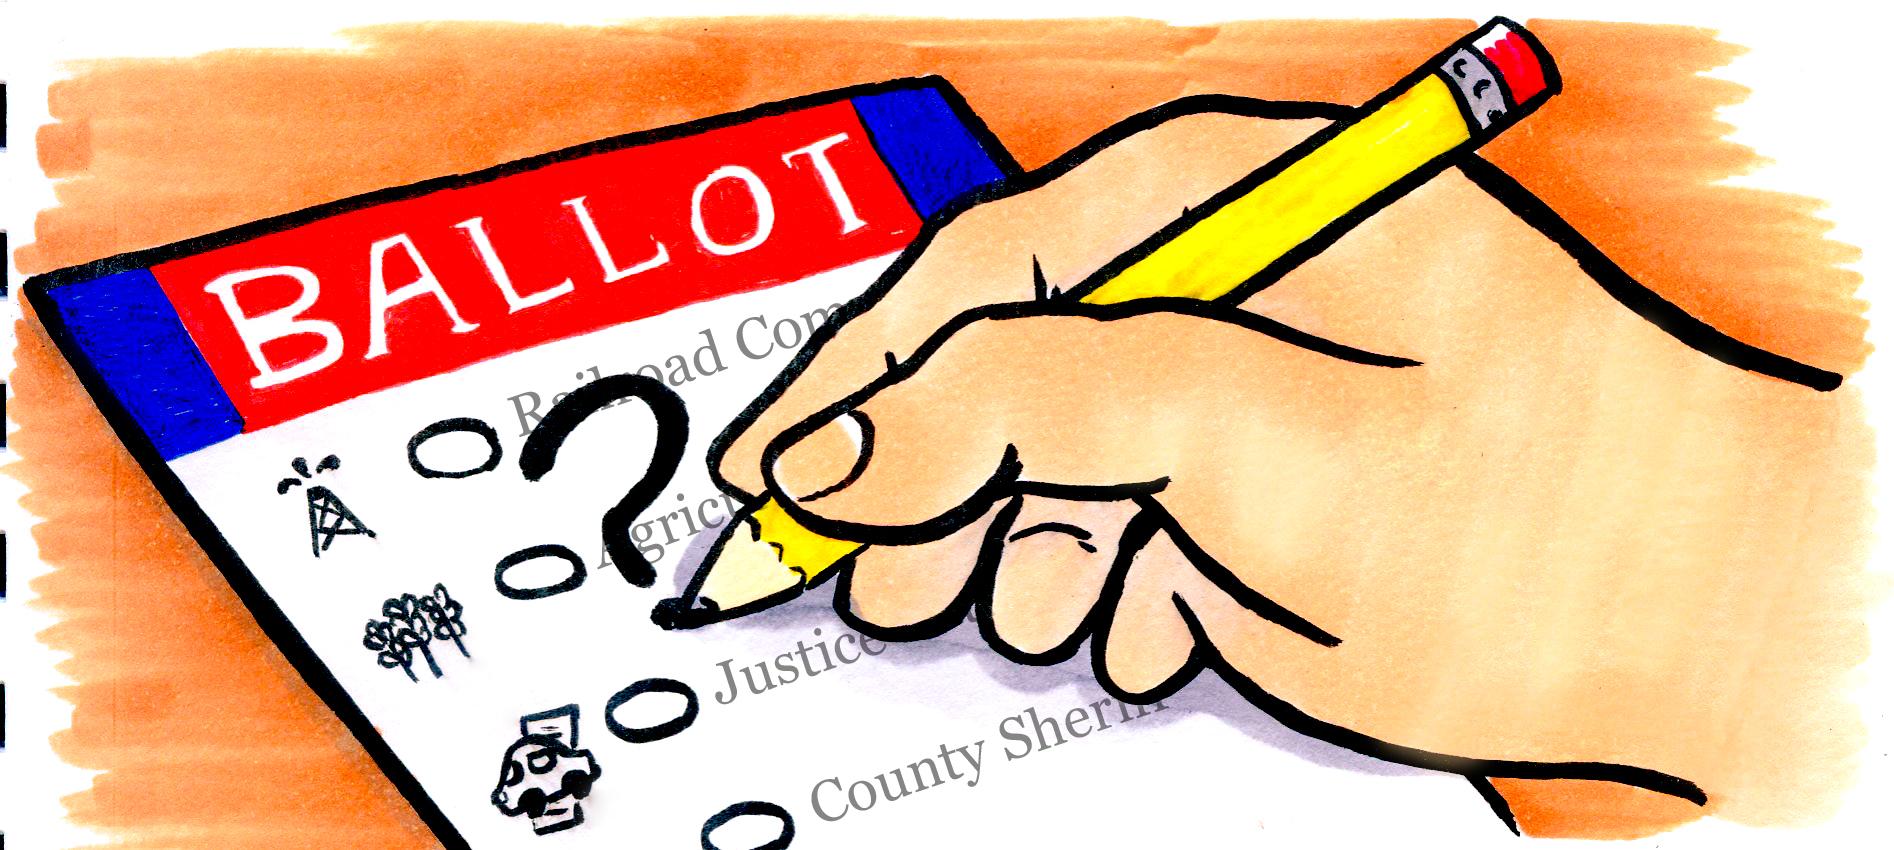 ballot_0220_MelWestfall_Ballot